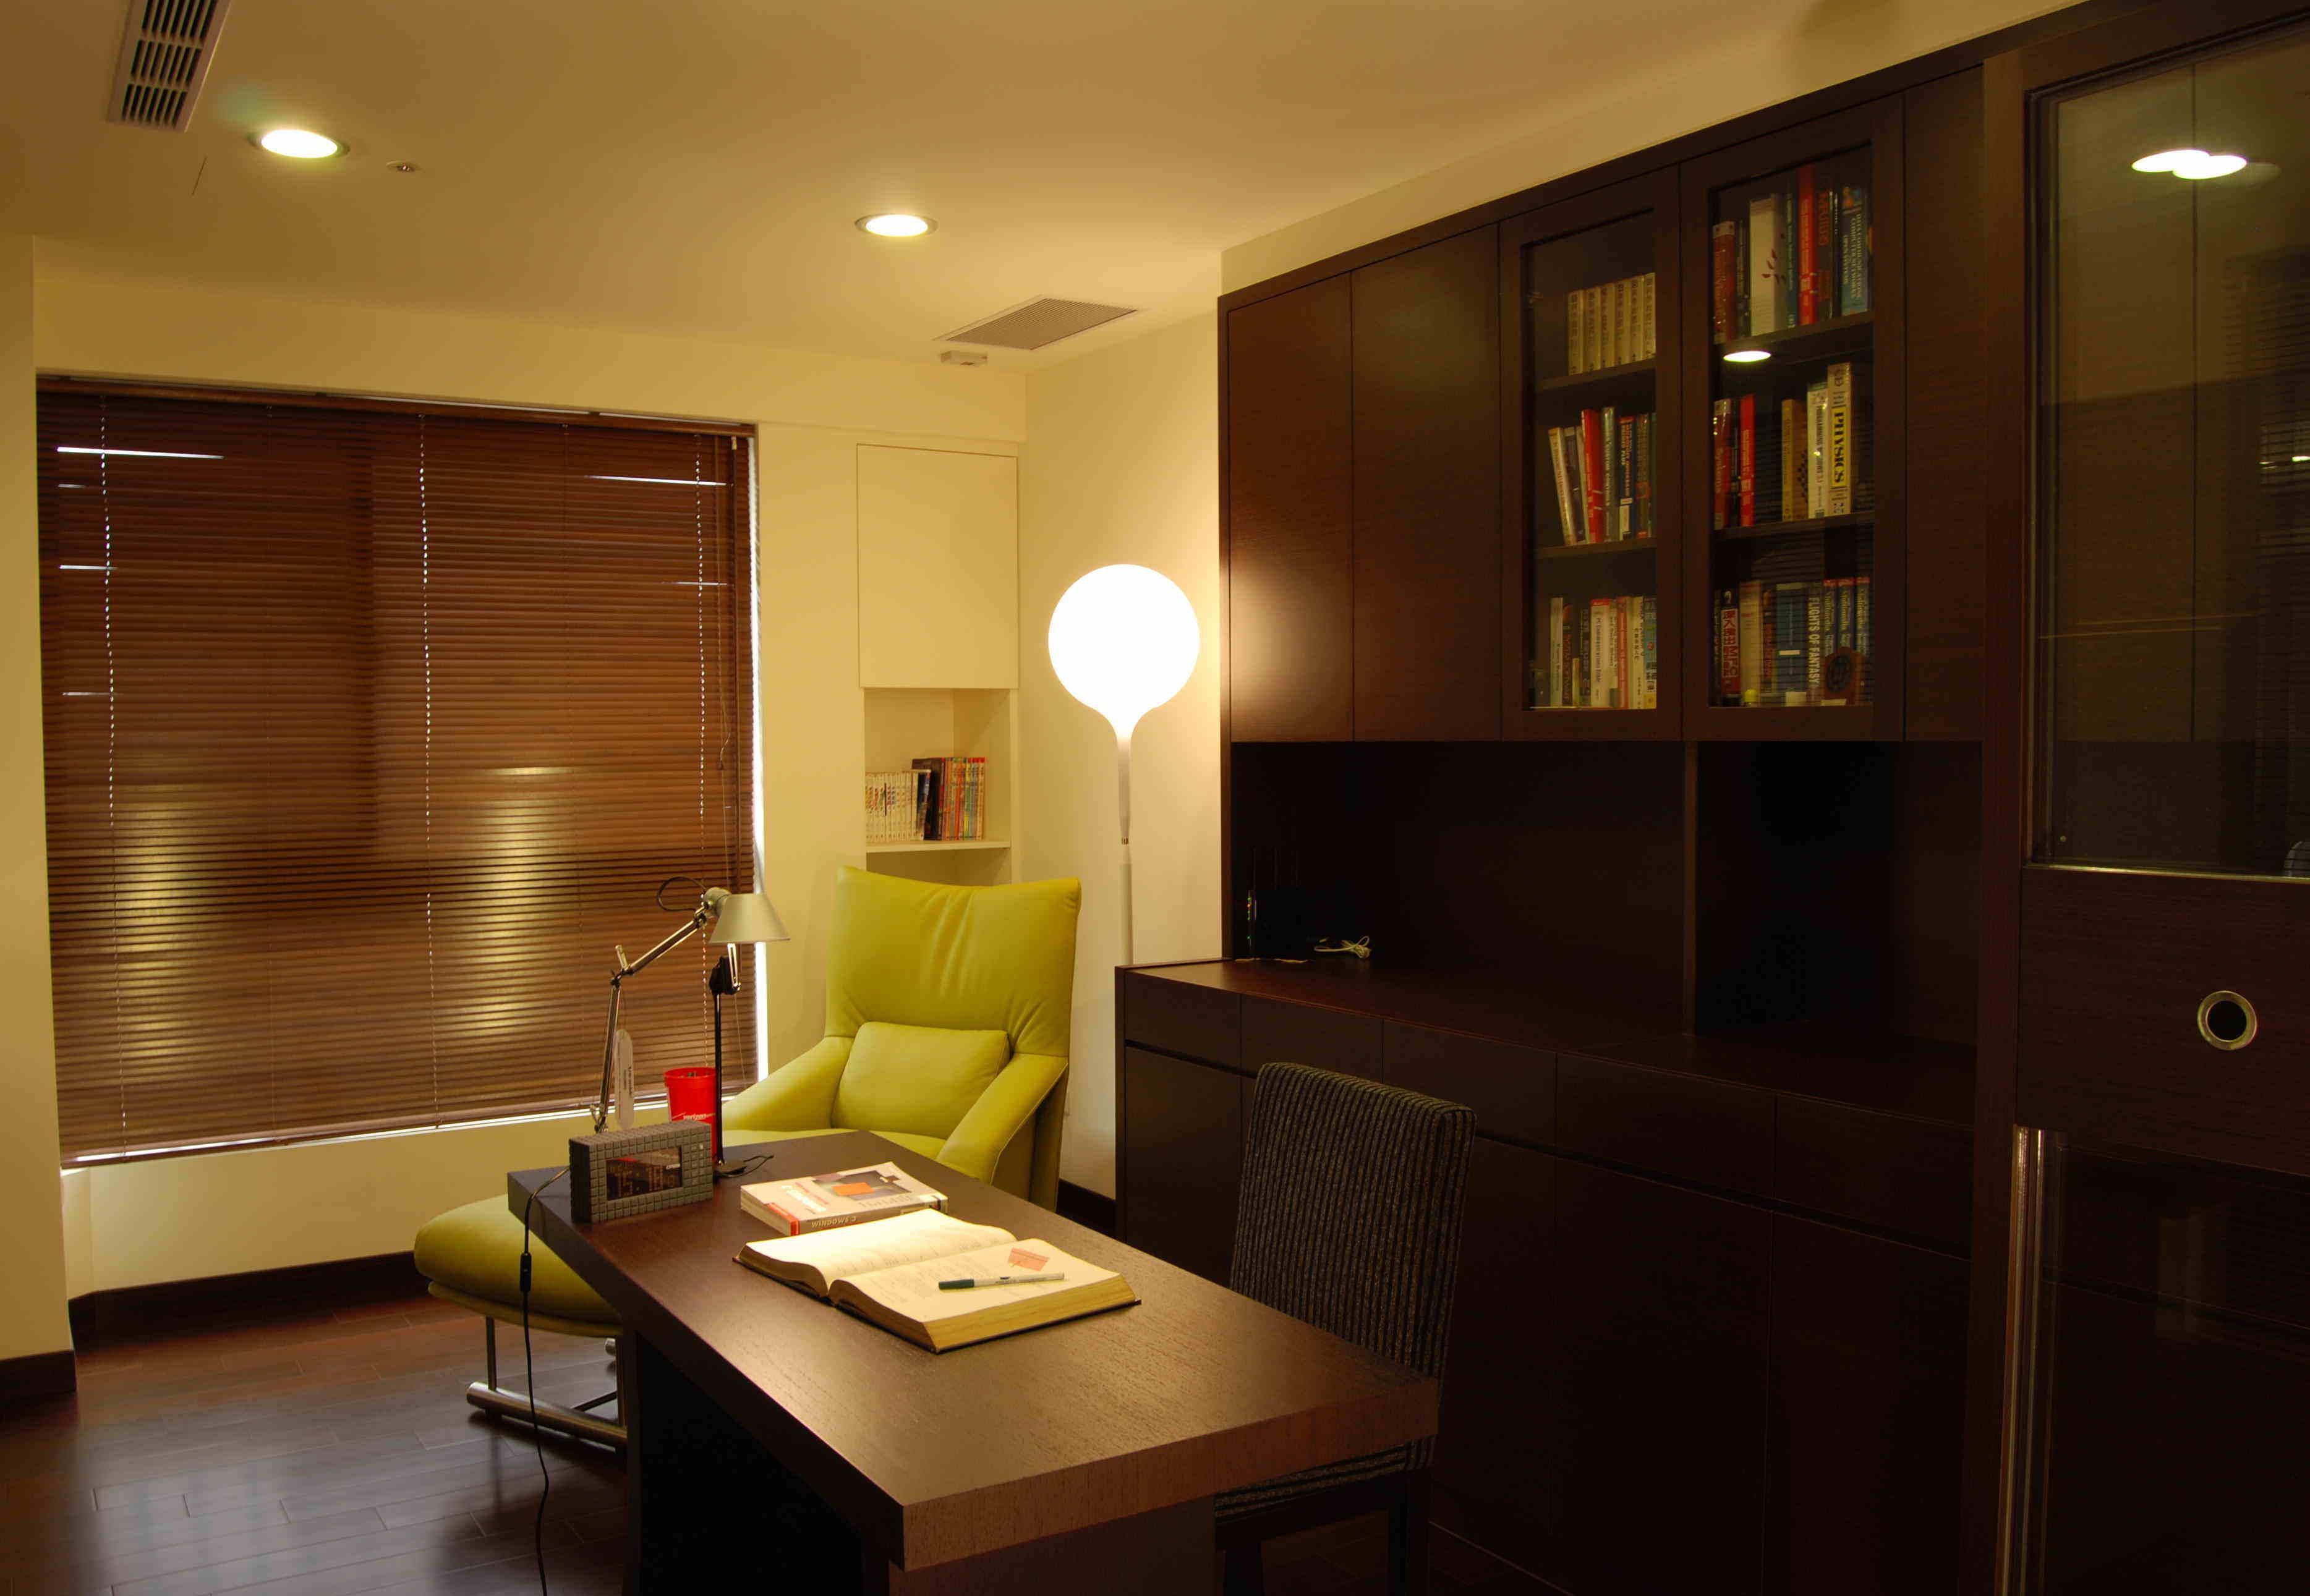 咖啡色中式现代装修风格书房百叶帘装饰效果图